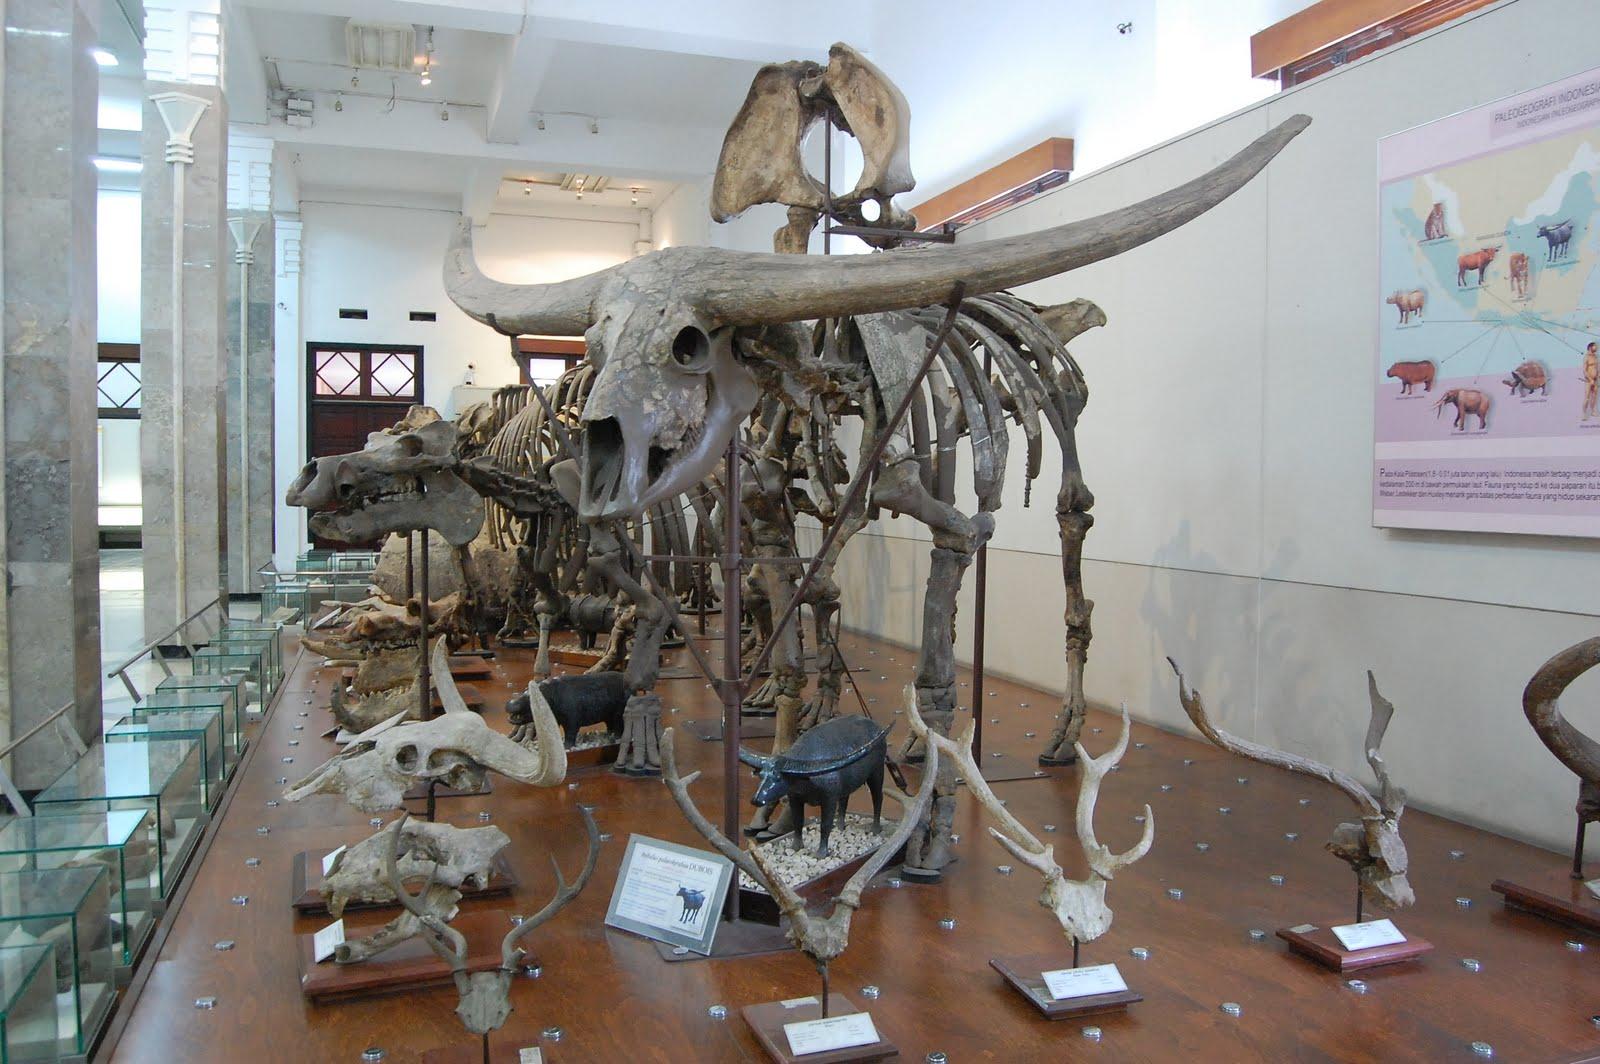 Saujana: Buat museum lebih menarik yuk!